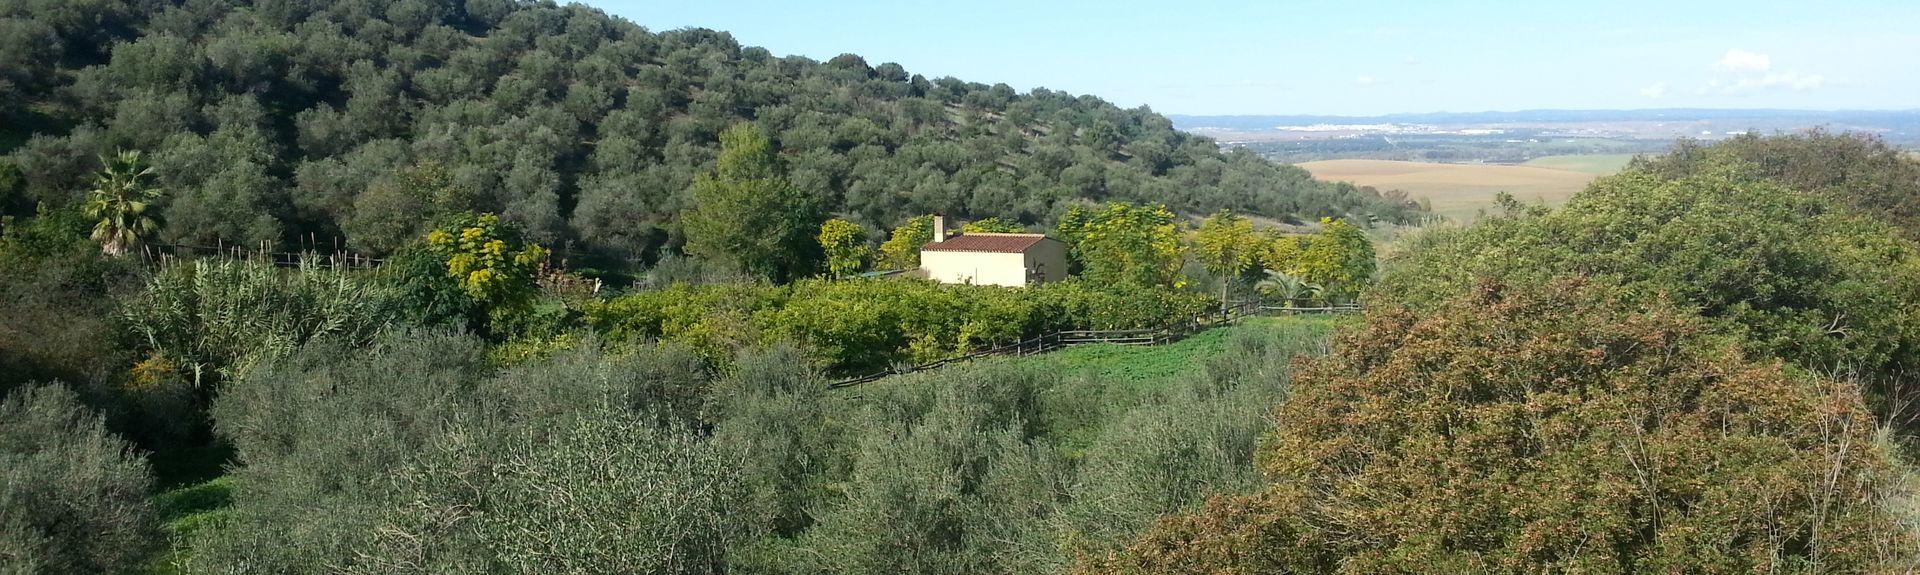 Paterna del Campo, Andaluzja, Hiszpania